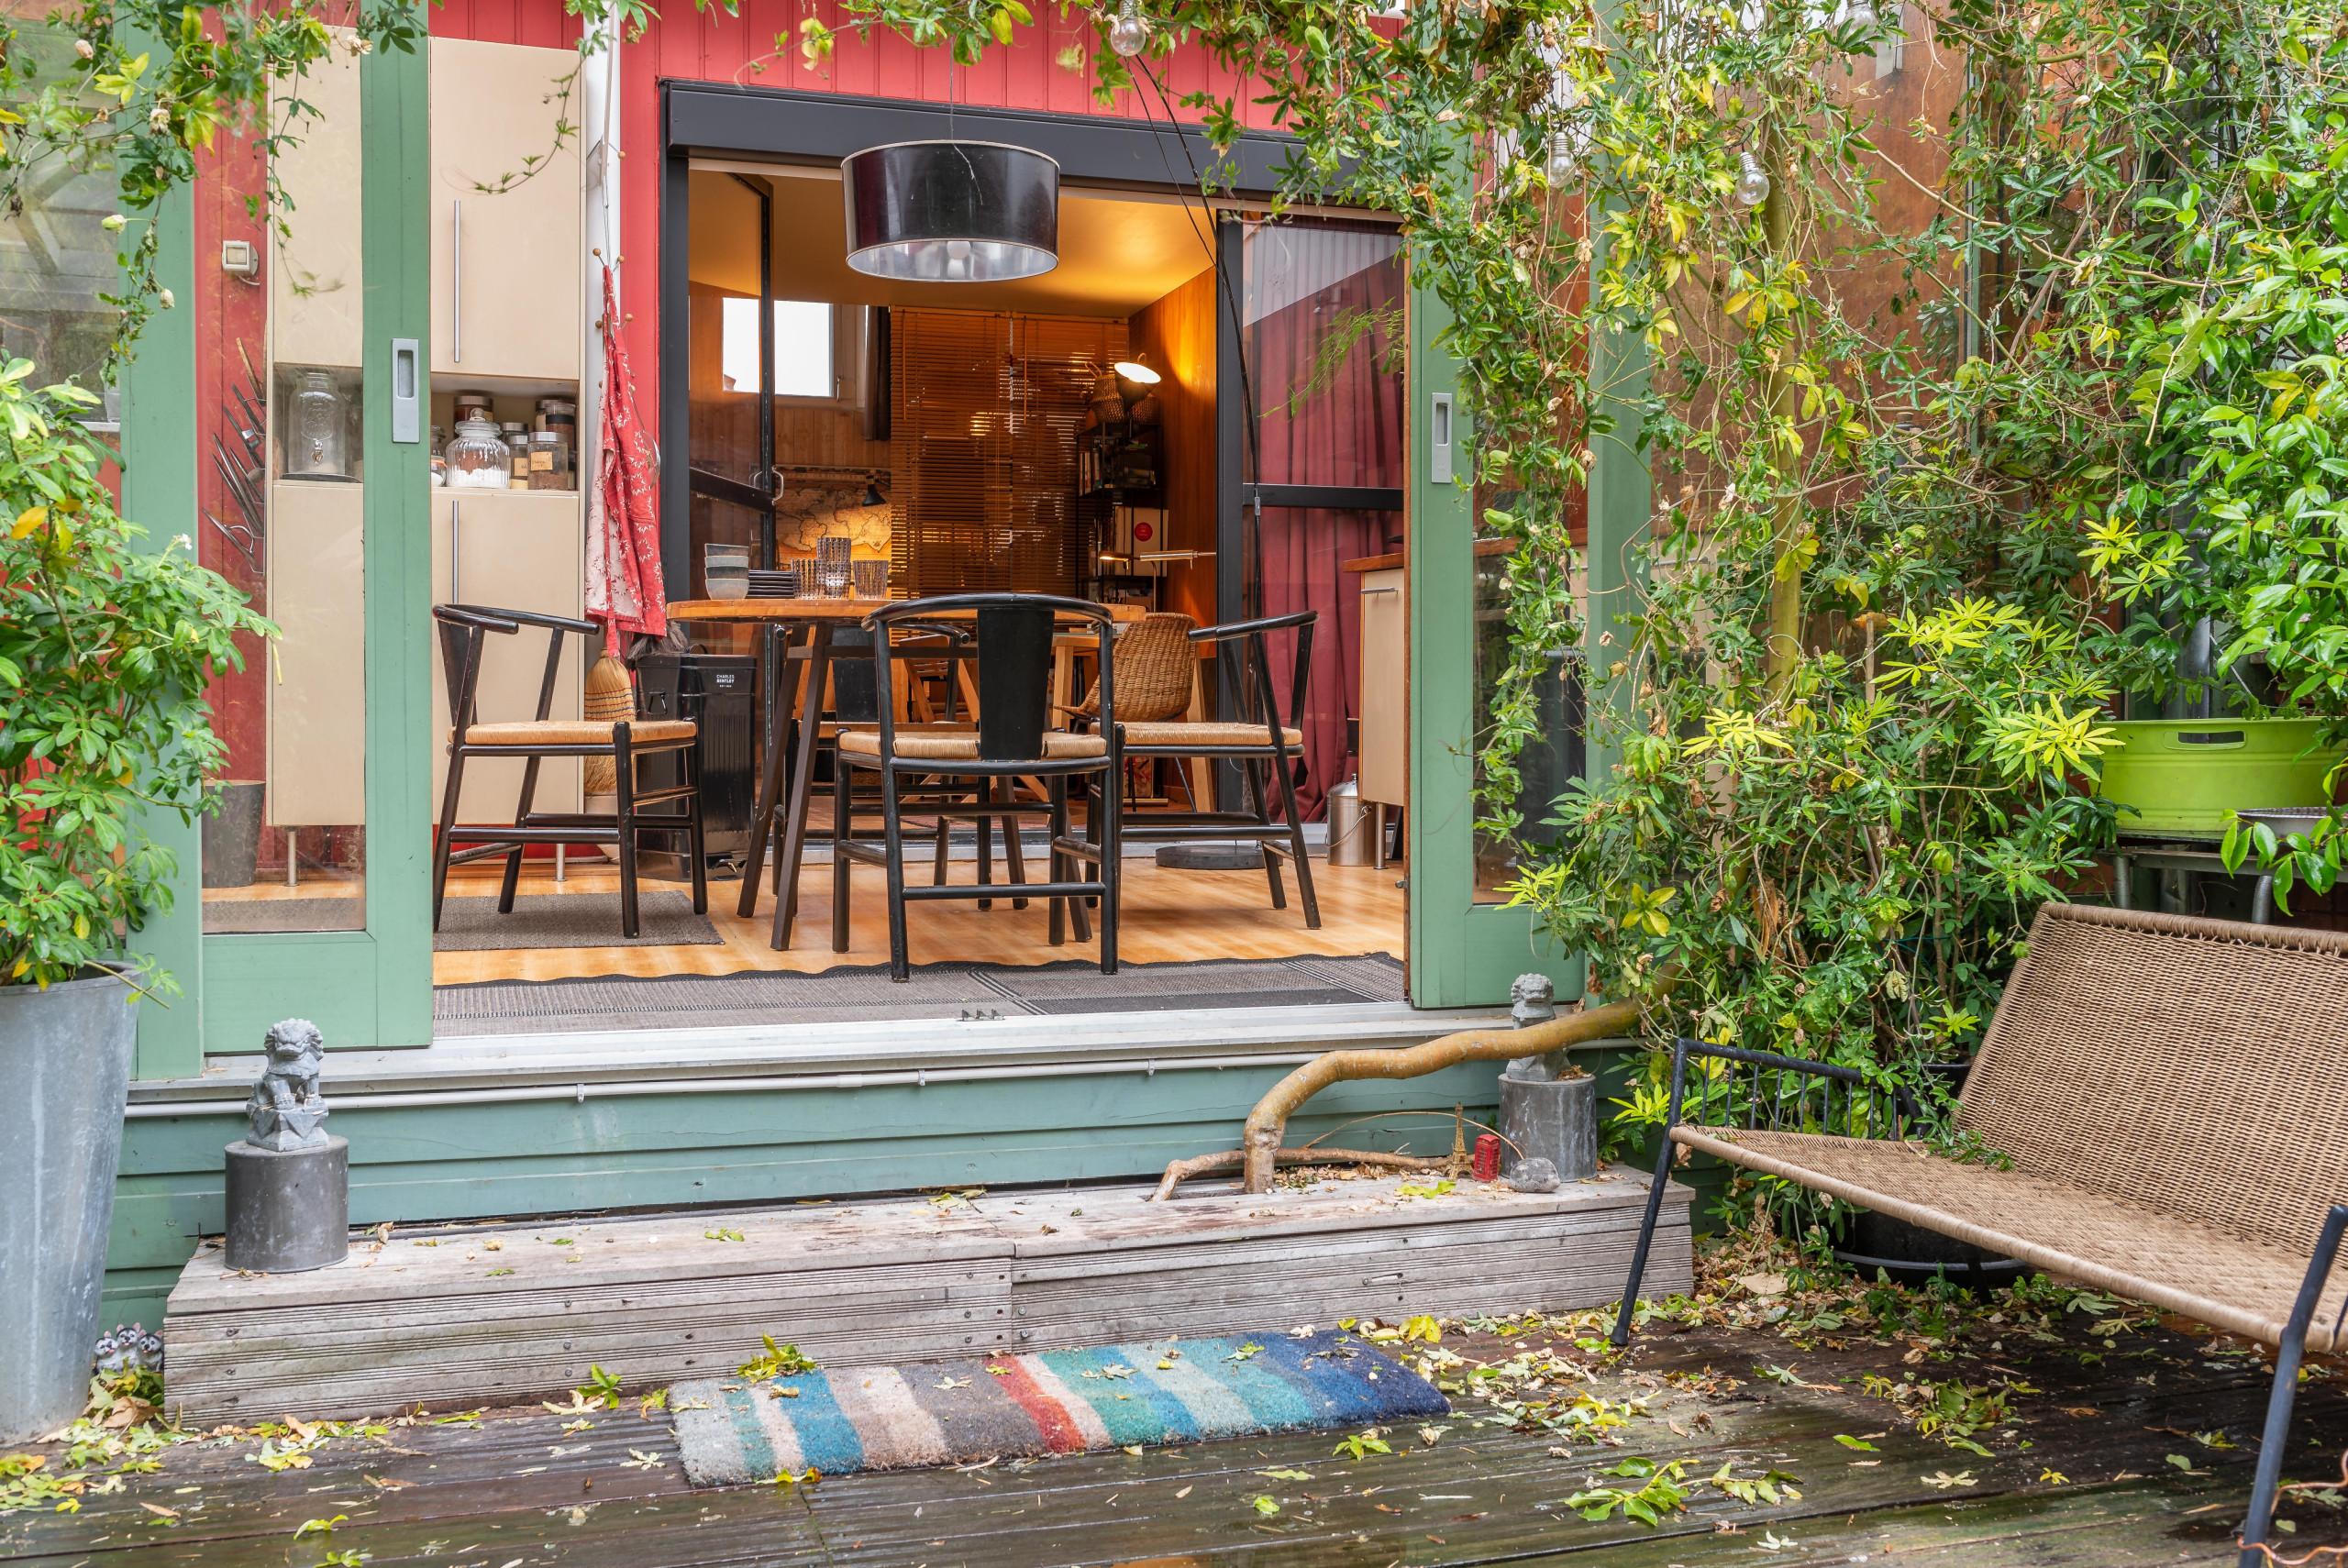 Maison en bois esprit bohème vintage